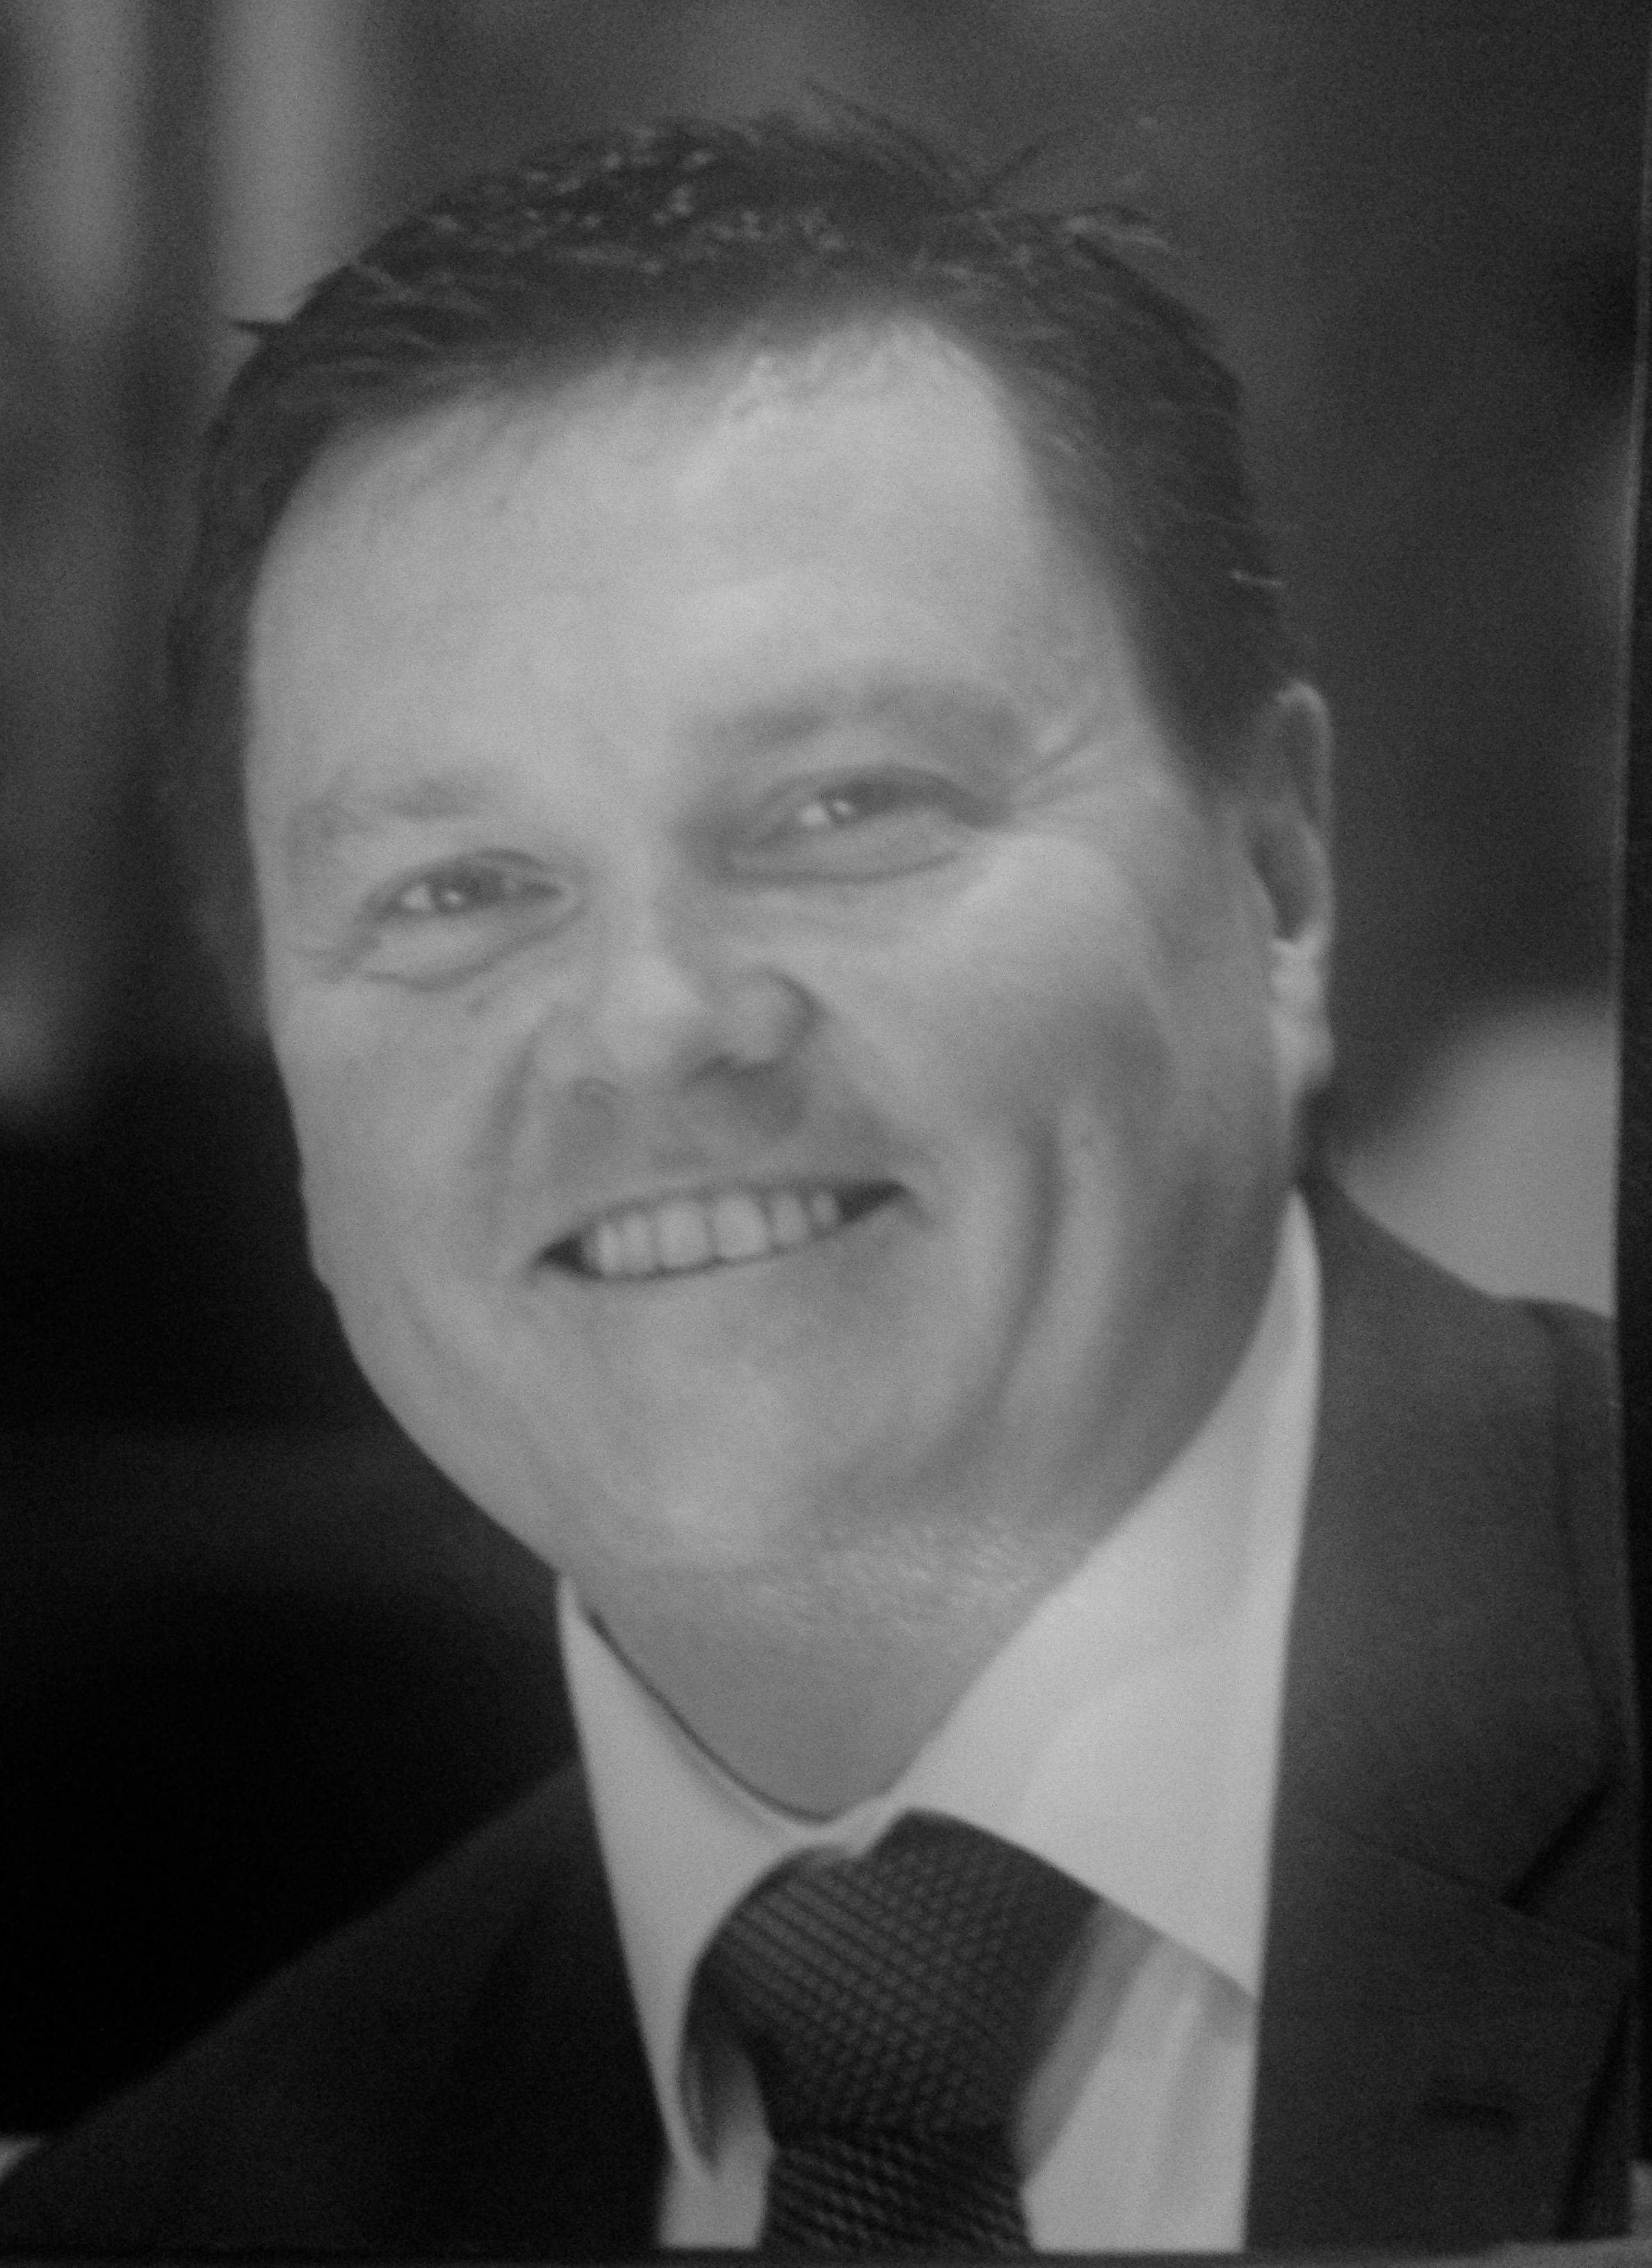 Mark Leggett